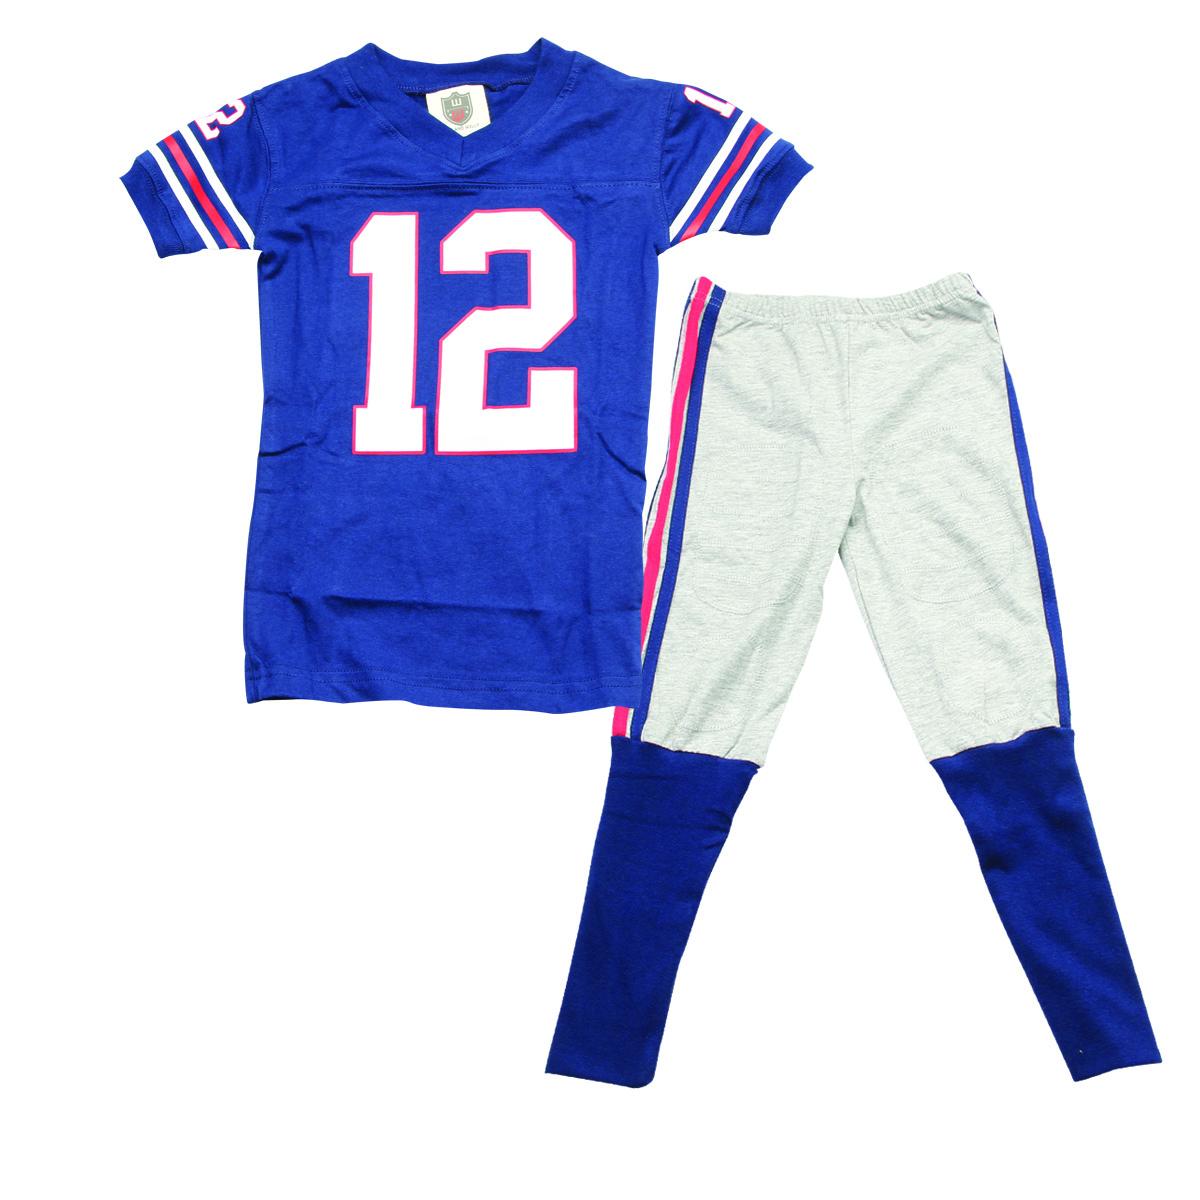 Football pajama